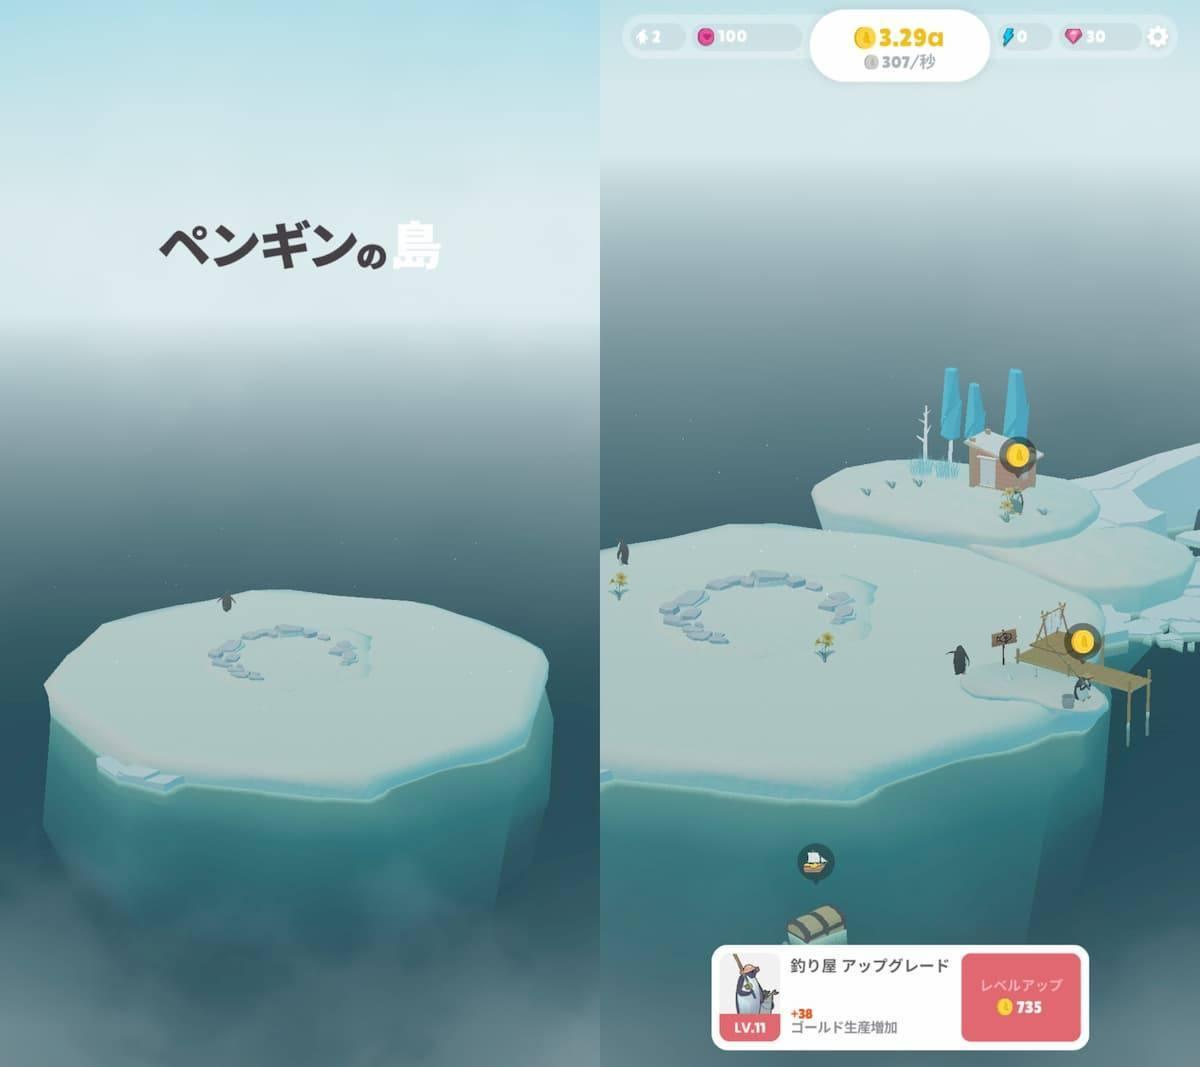 ペンギンの島 紹介画像